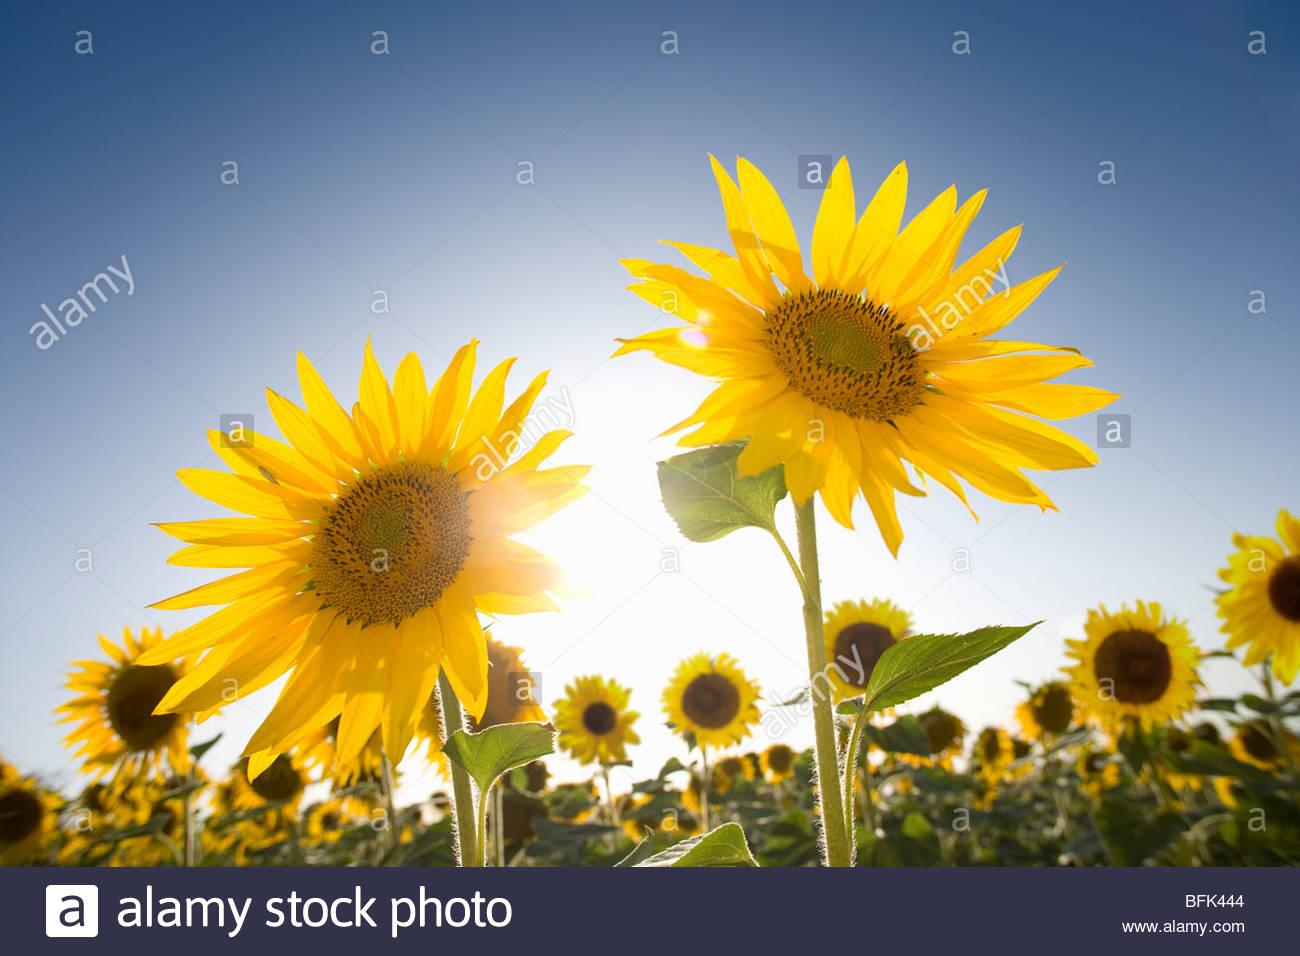 Sonne am blauen Himmel hinter lebendige Sonnenblumen im Feld Stockbild